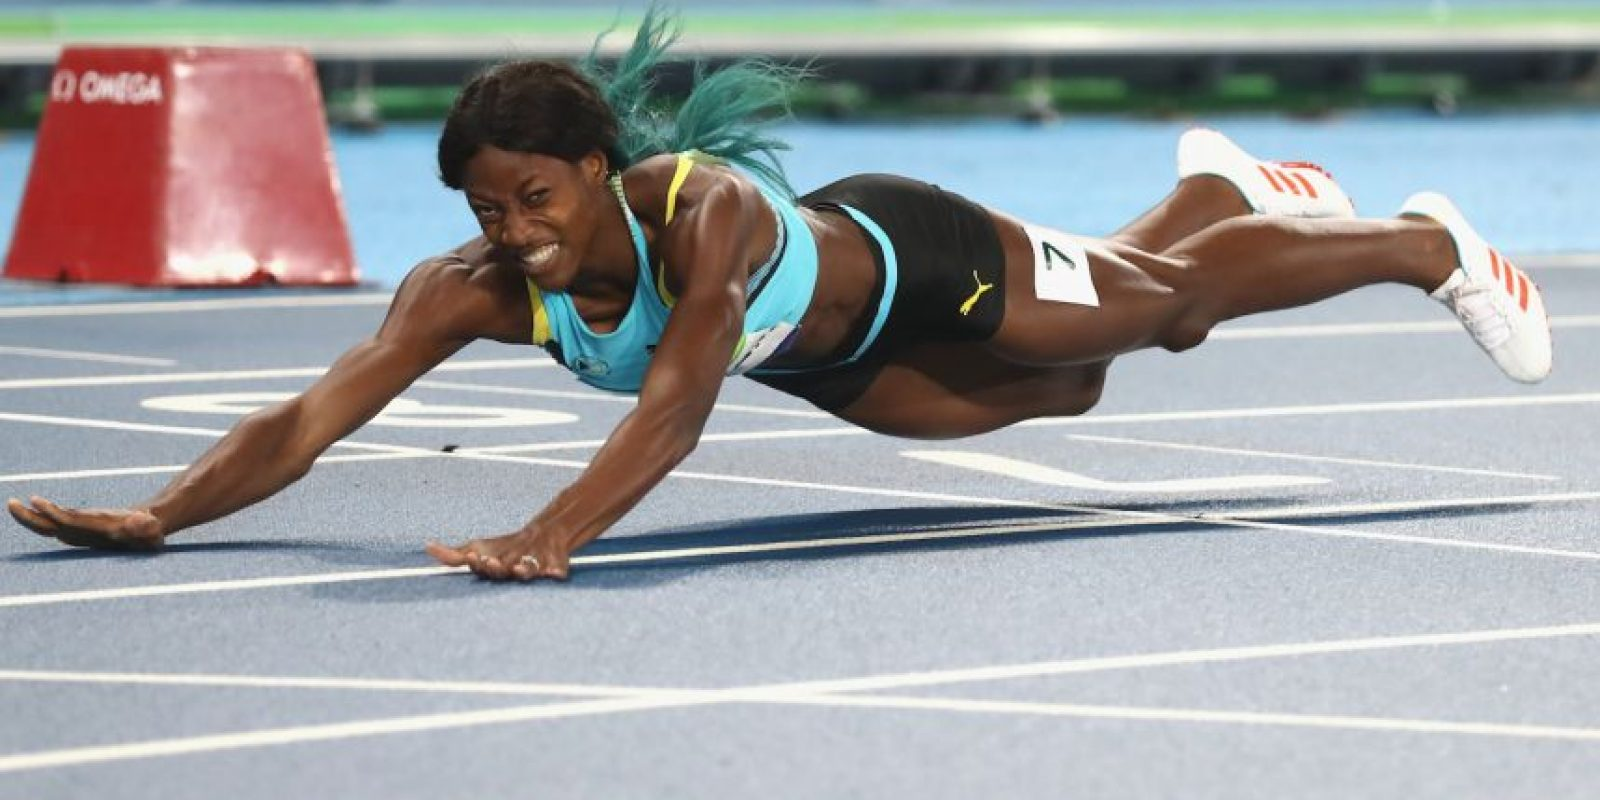 Tiene una medalla de oro, que ganó Shaunae Miller en los 400 metros planos Foto:Getty Images